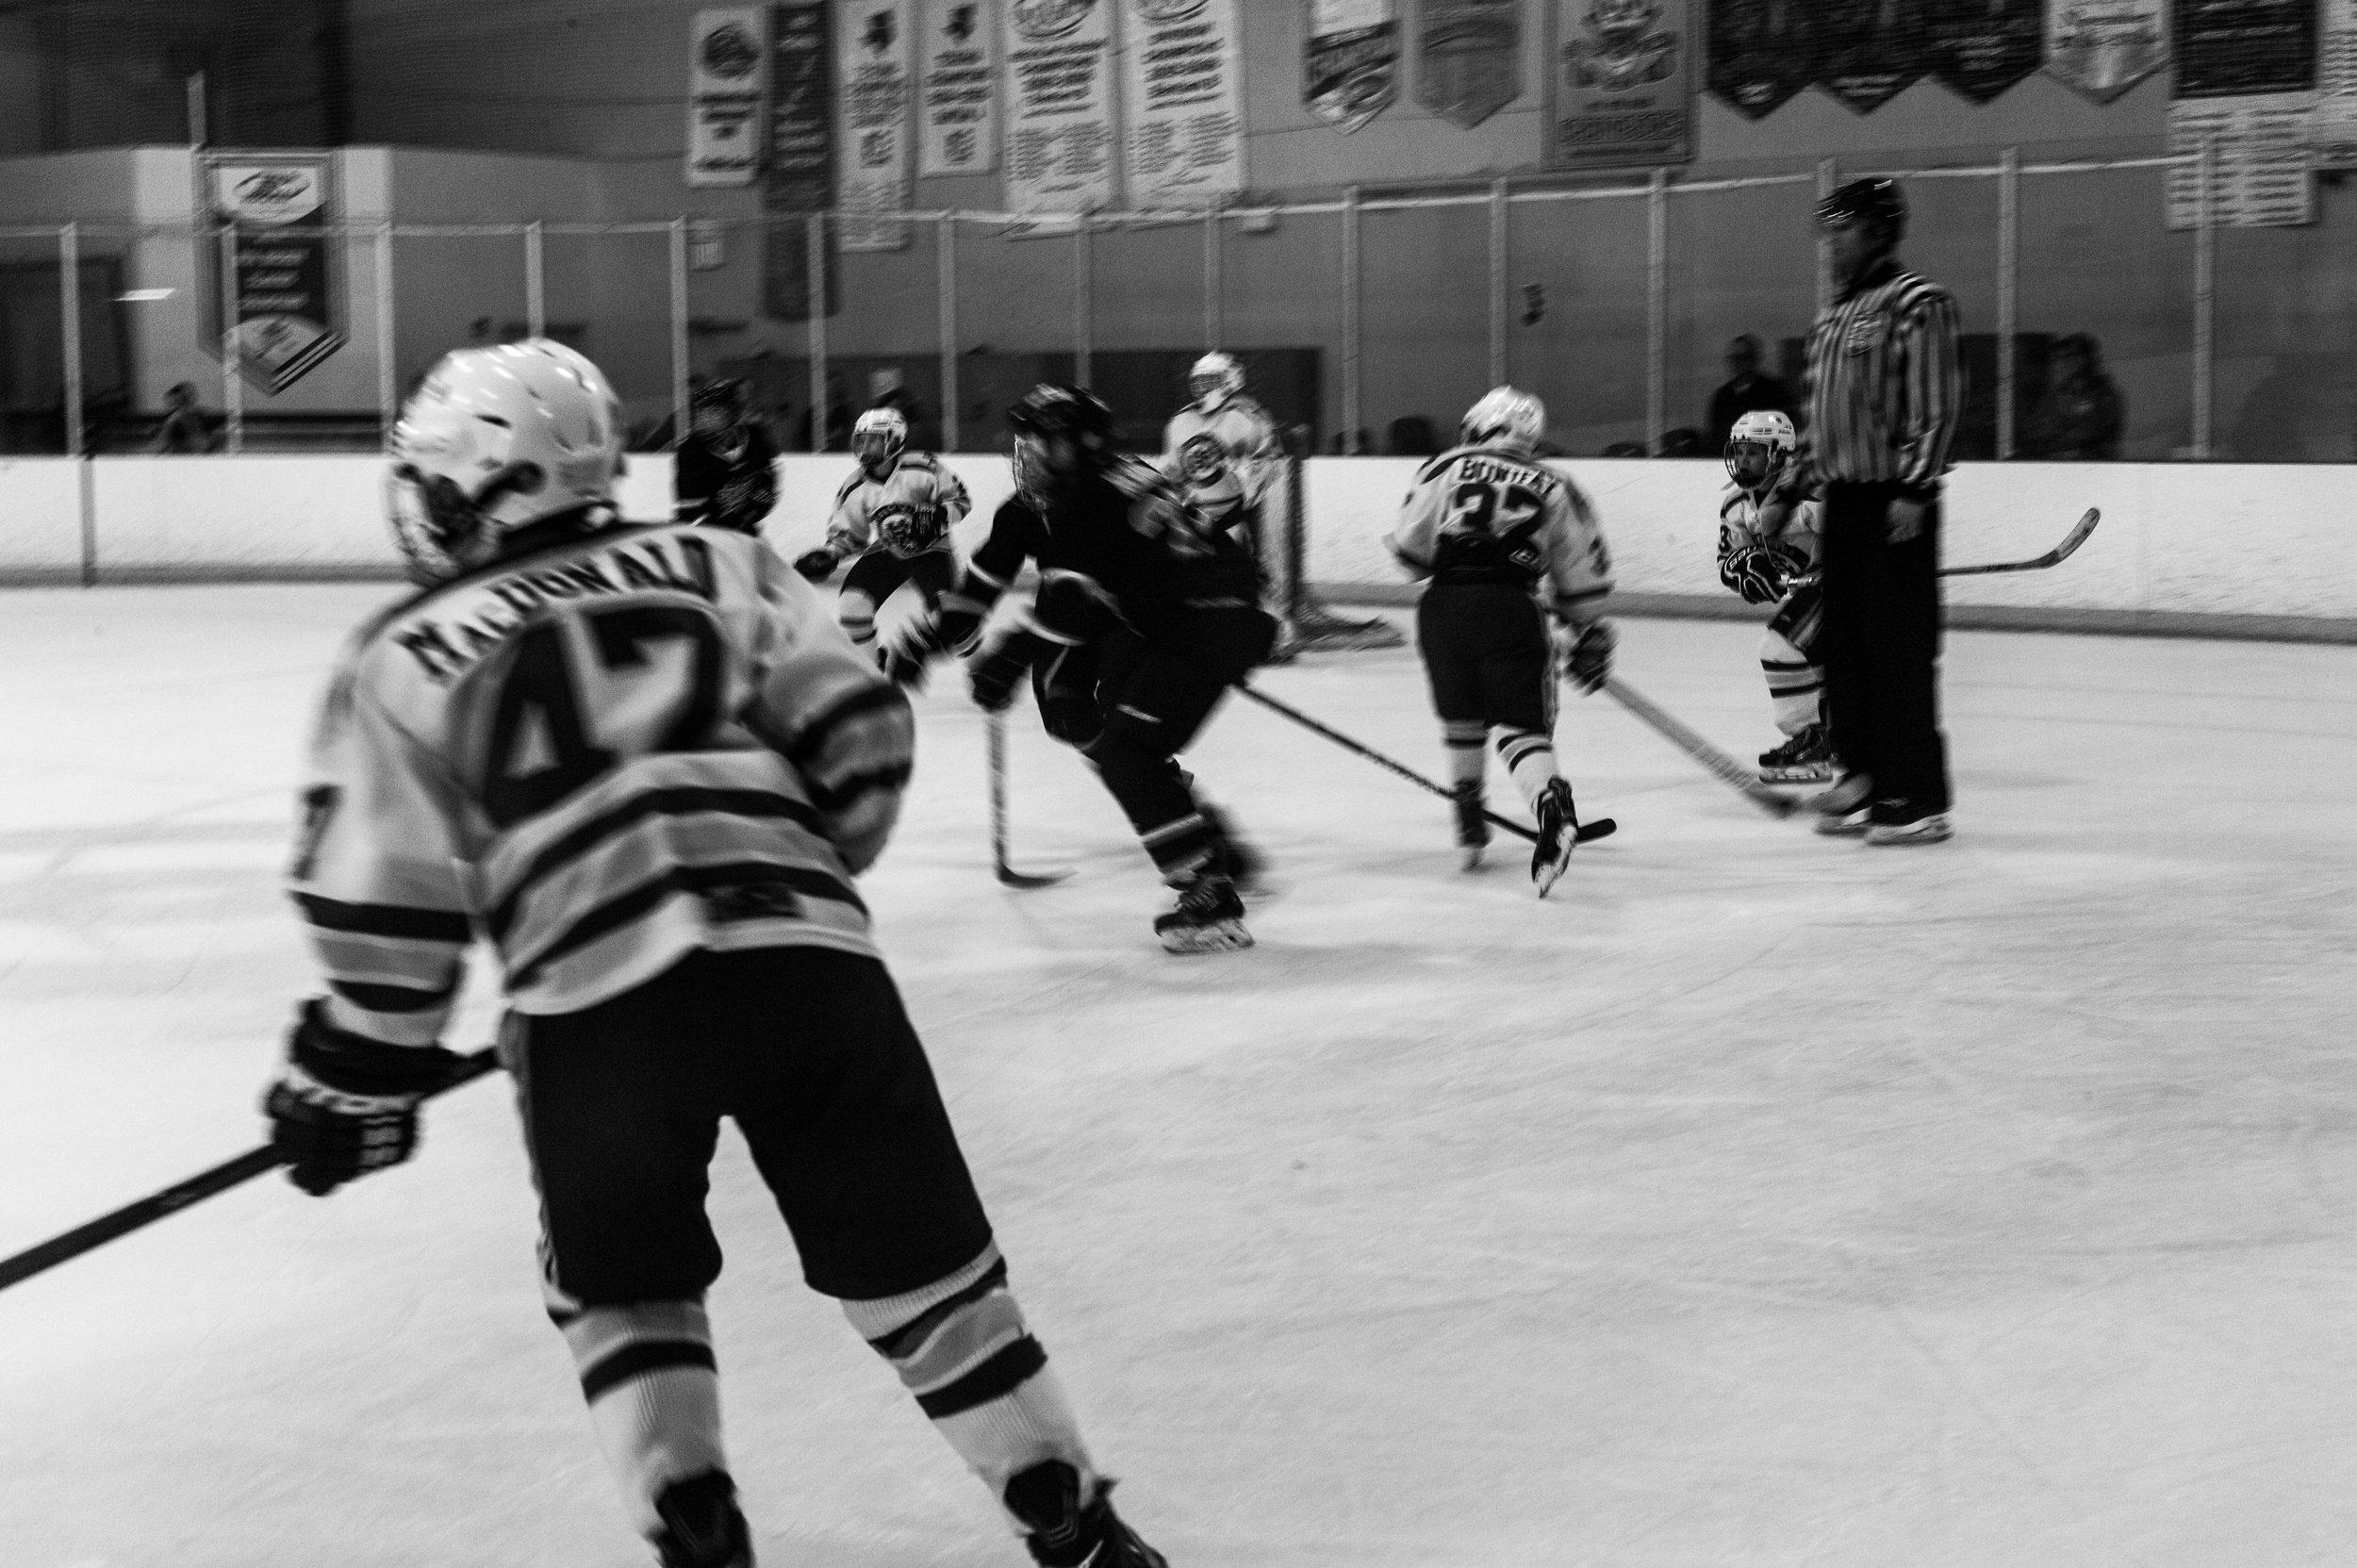 ice_hockey-056.jpg